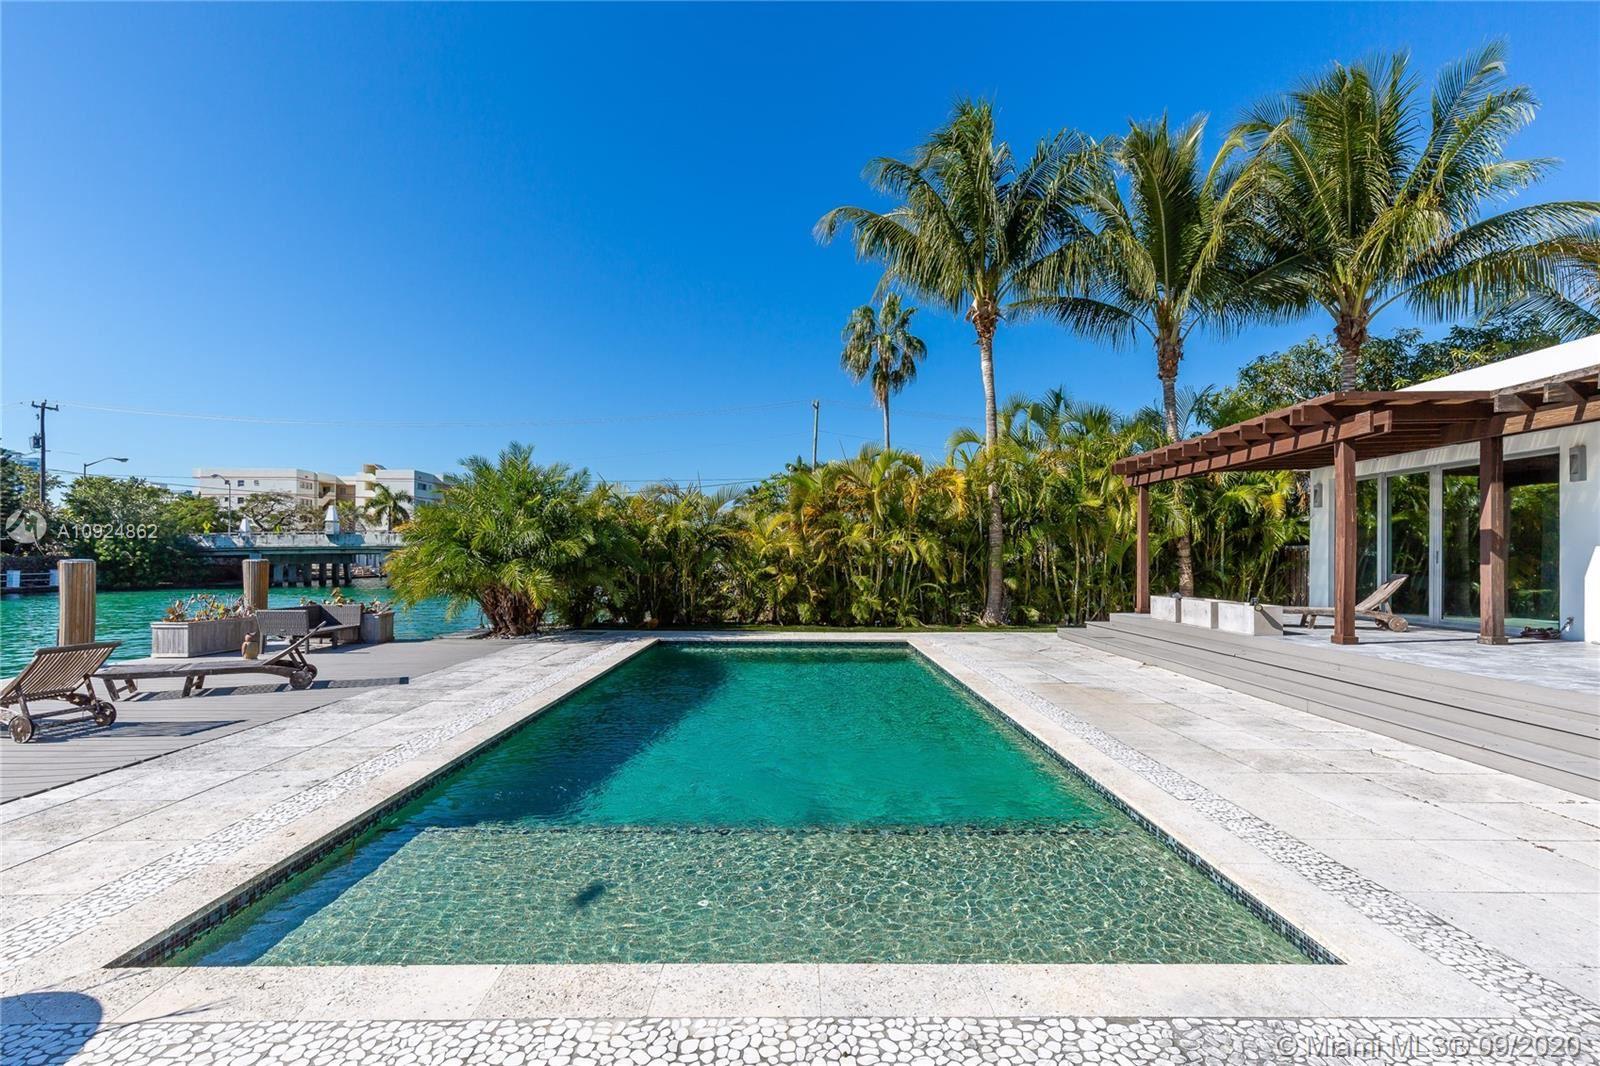 970 S Shore DR, Miami Beach, FL 33141 - #: A10924862